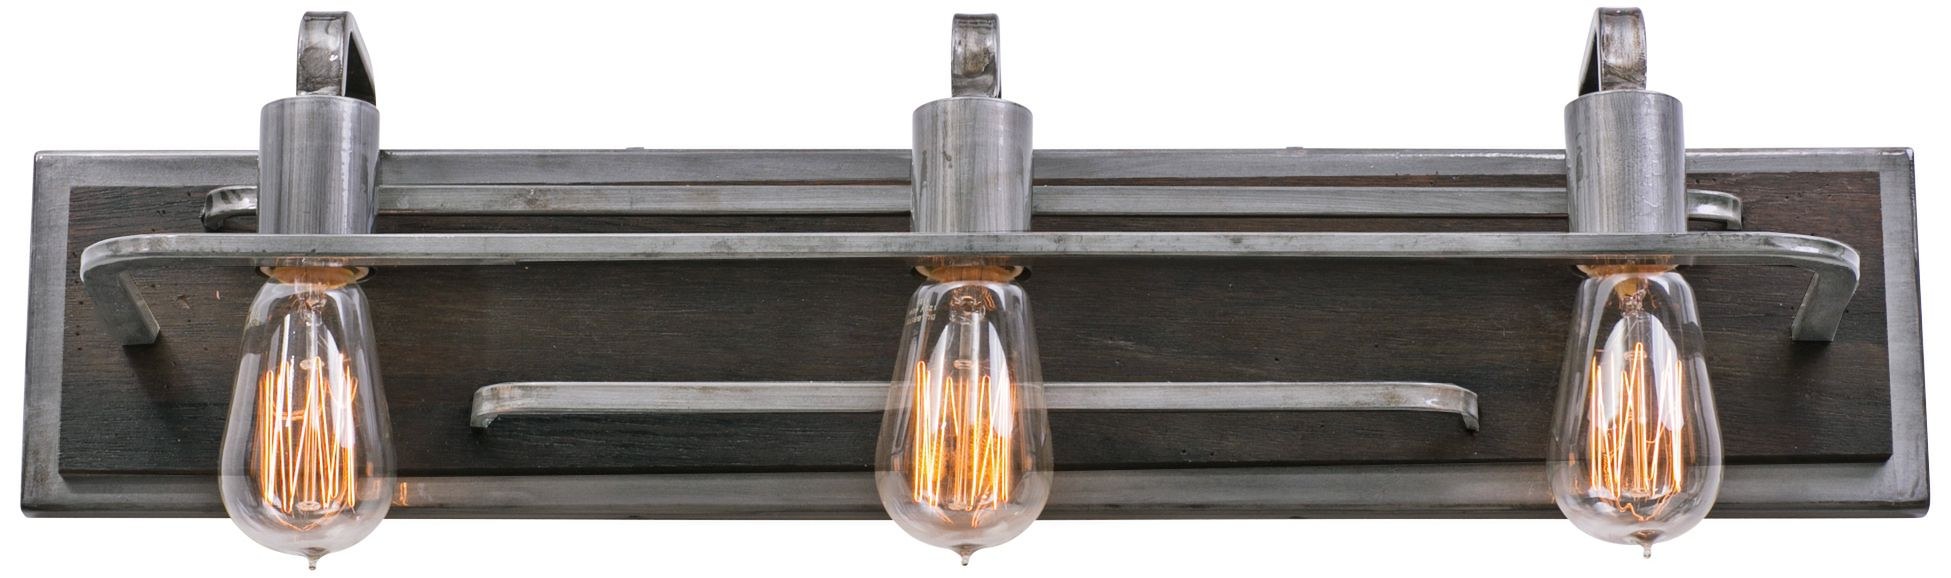 Industrial Bathroom Lighting Lamps Plus